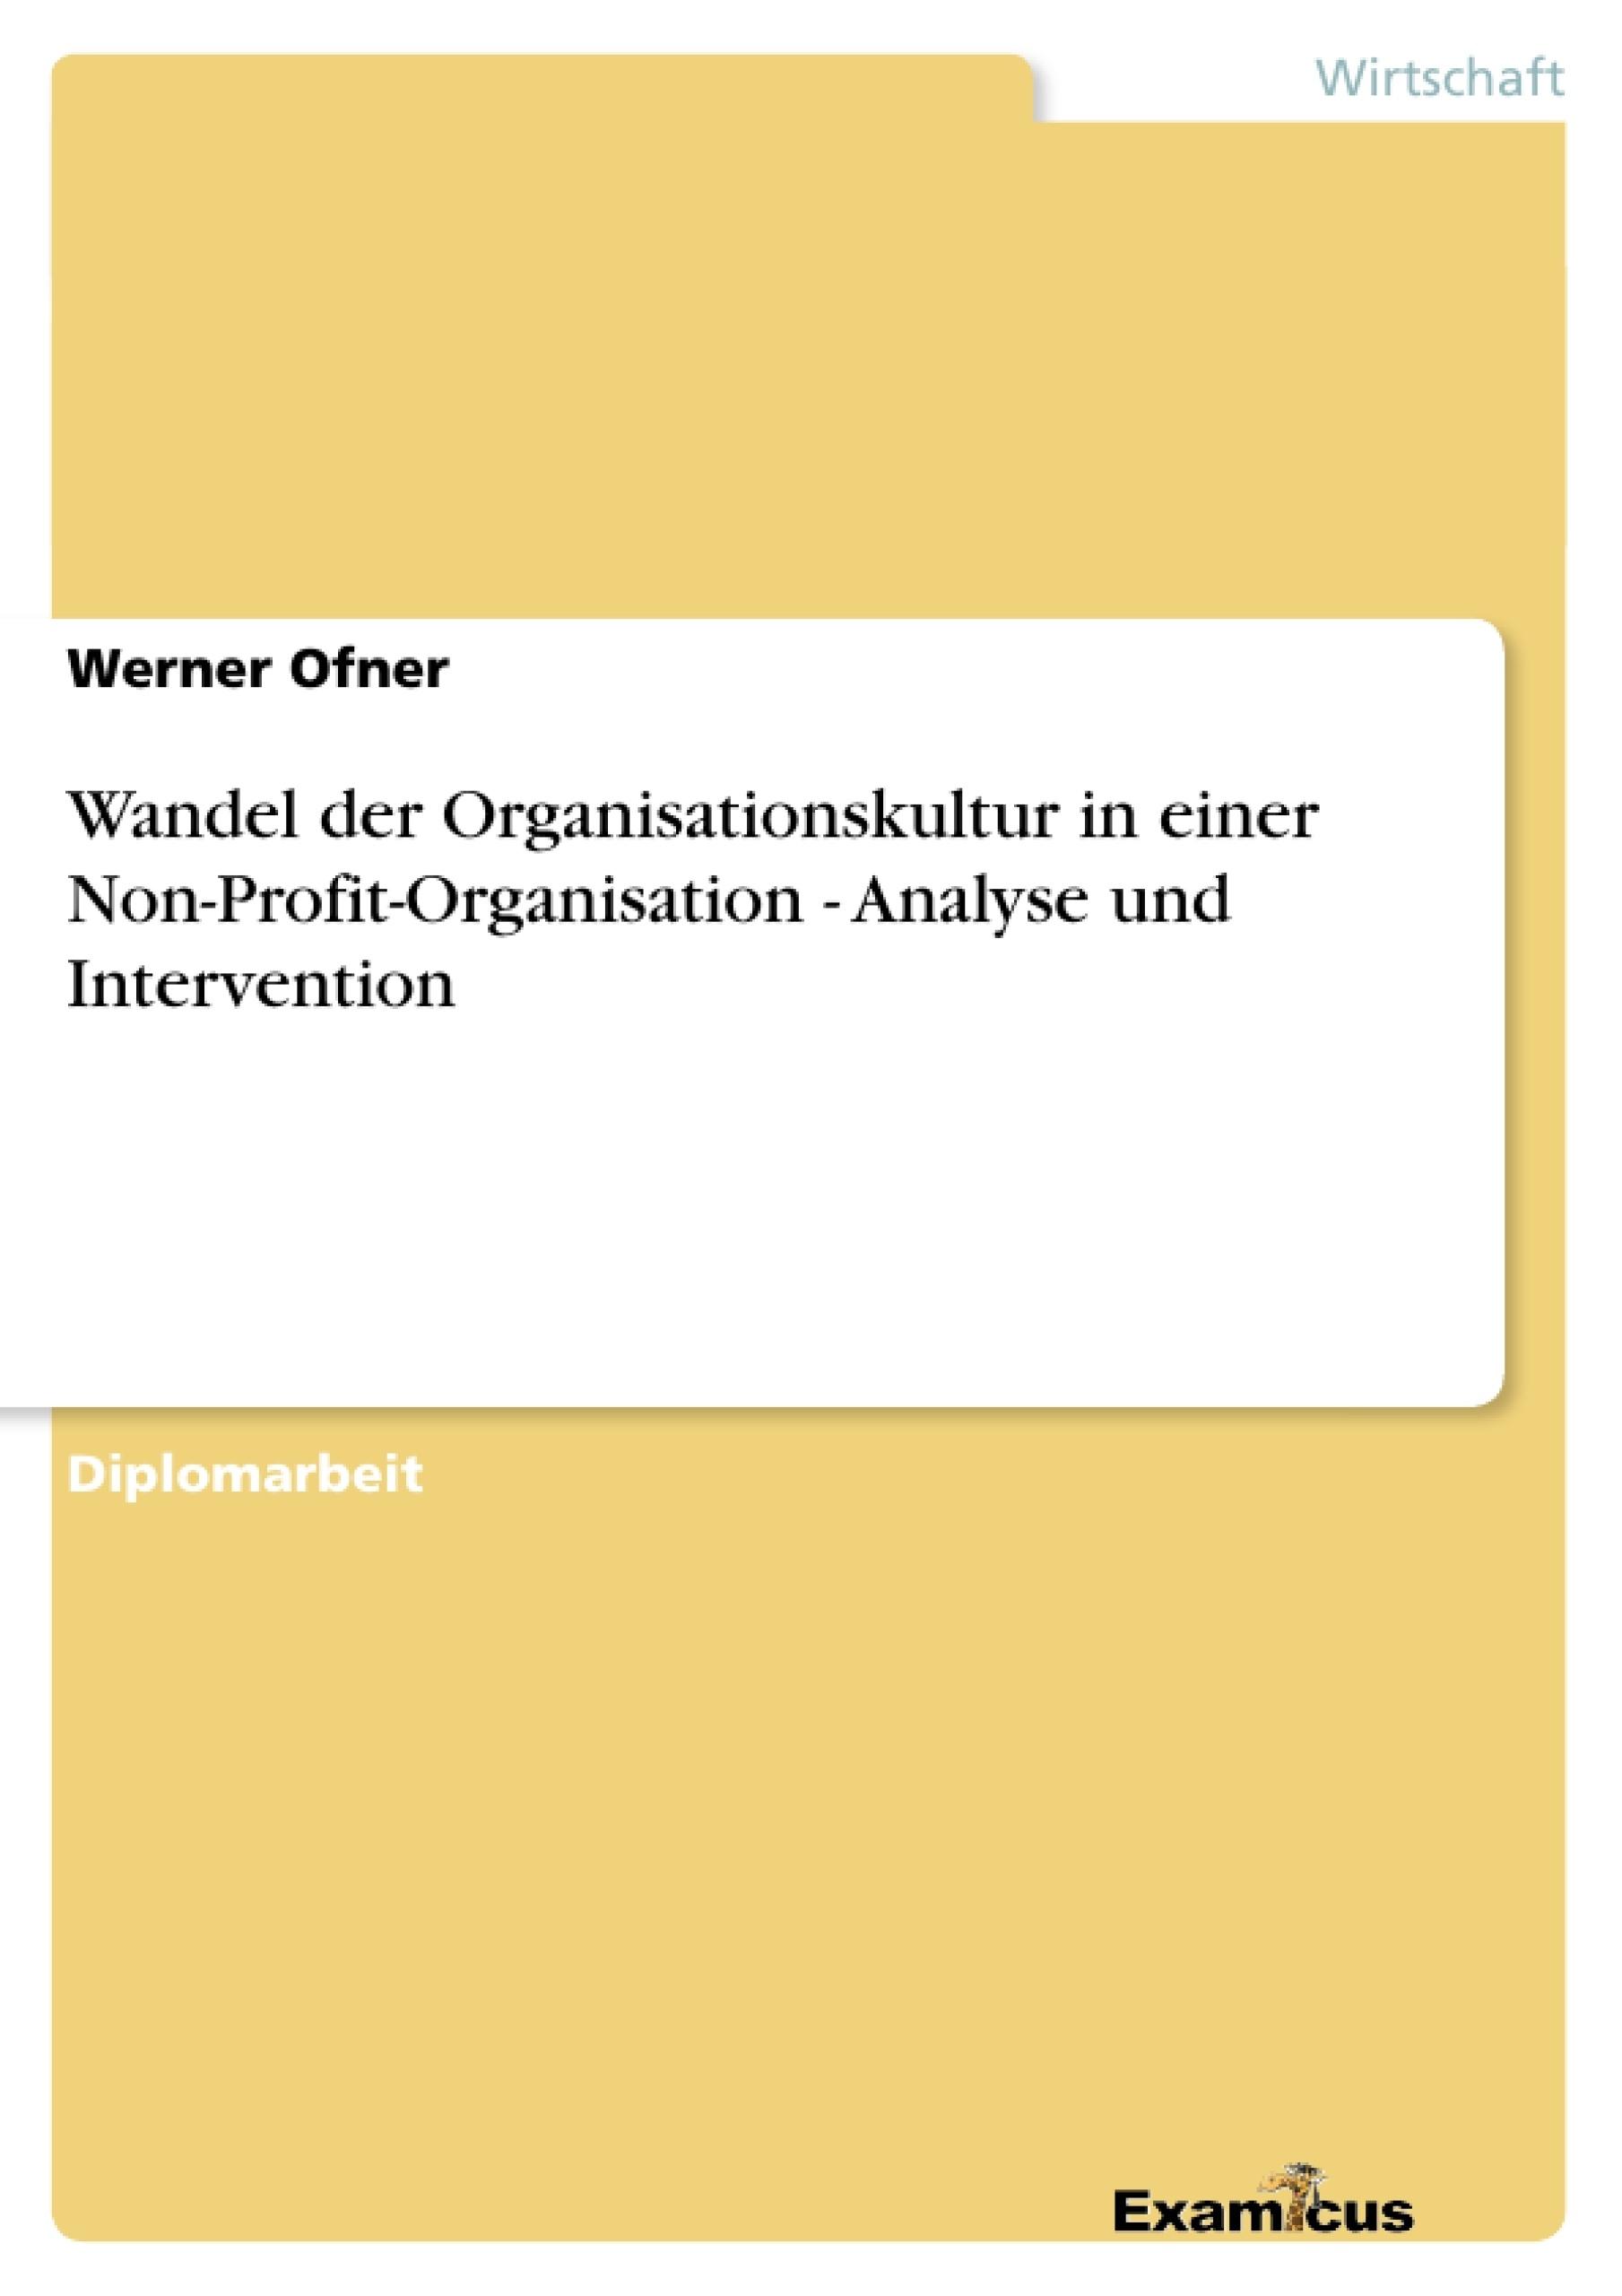 Titel: Wandel der Organisationskultur in einer Non-Profit-Organisation - Analyse und Intervention